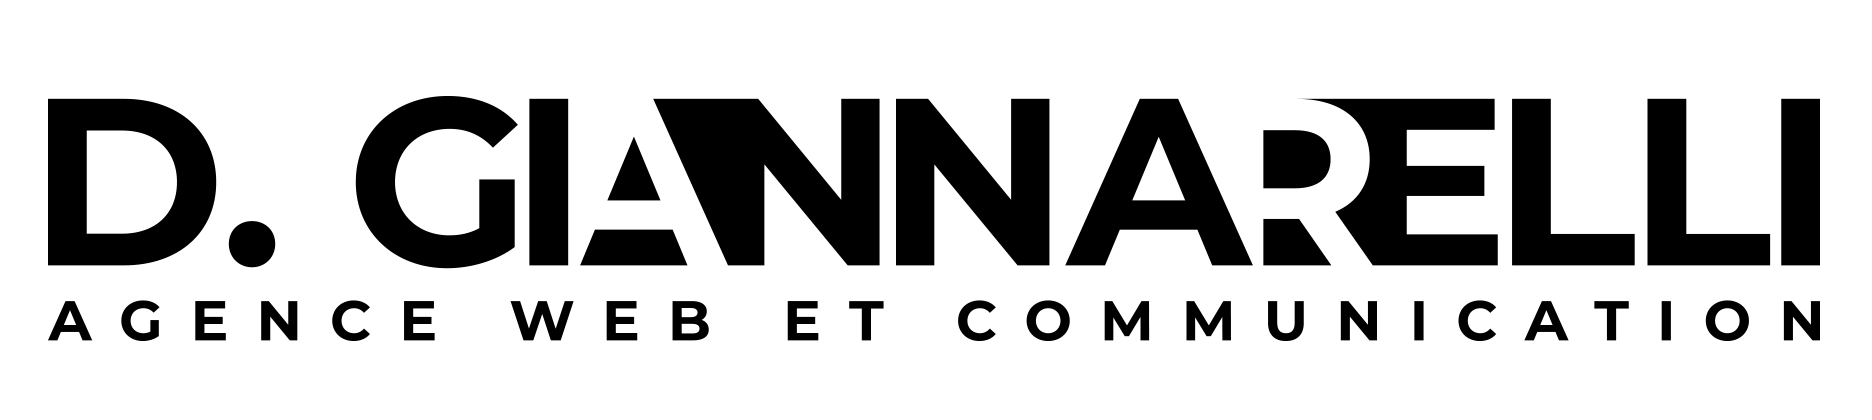 Logo de D. Giannarelli Agence web et communication